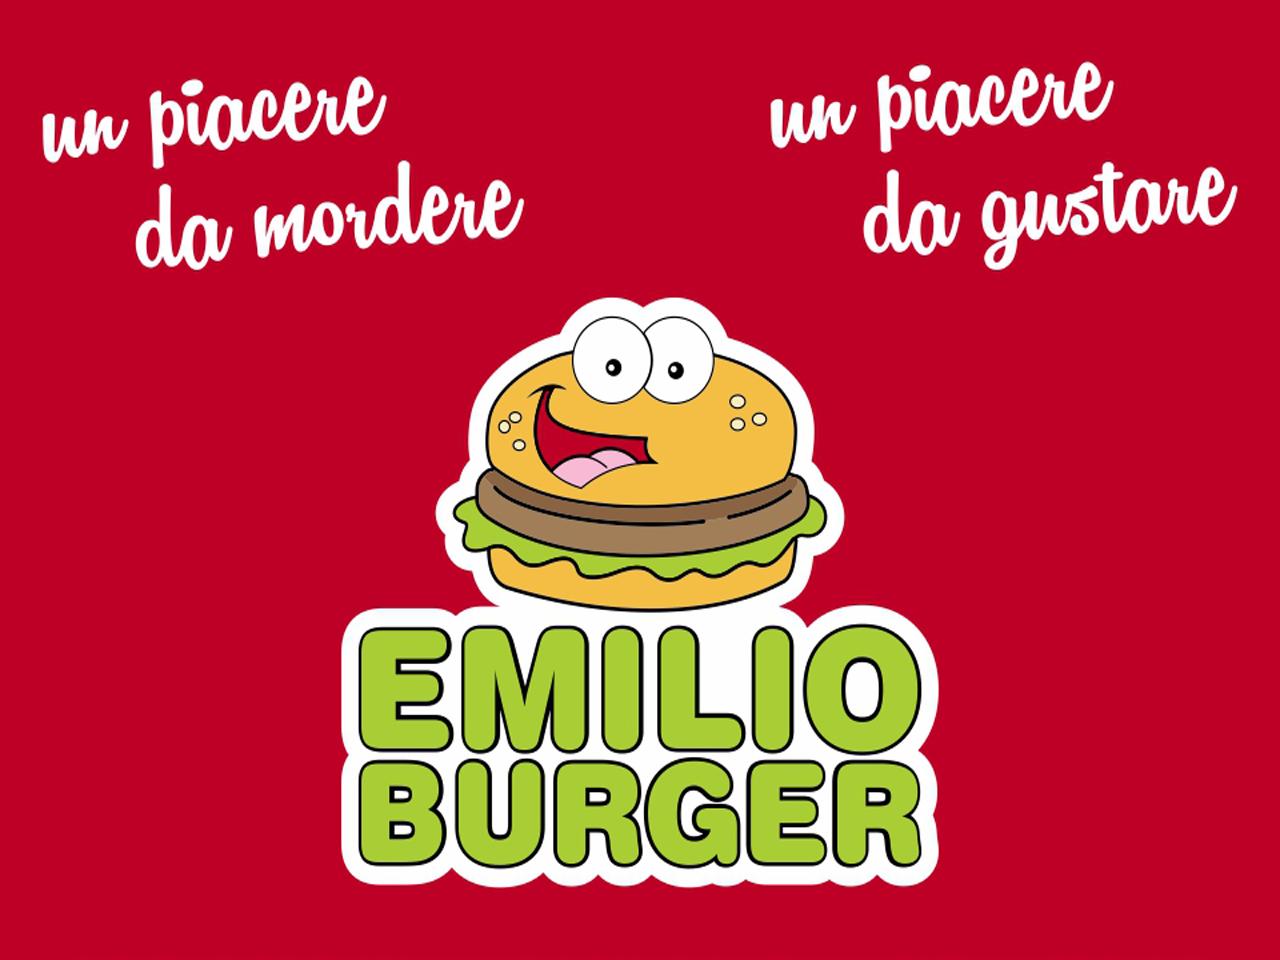 Emilio Burger